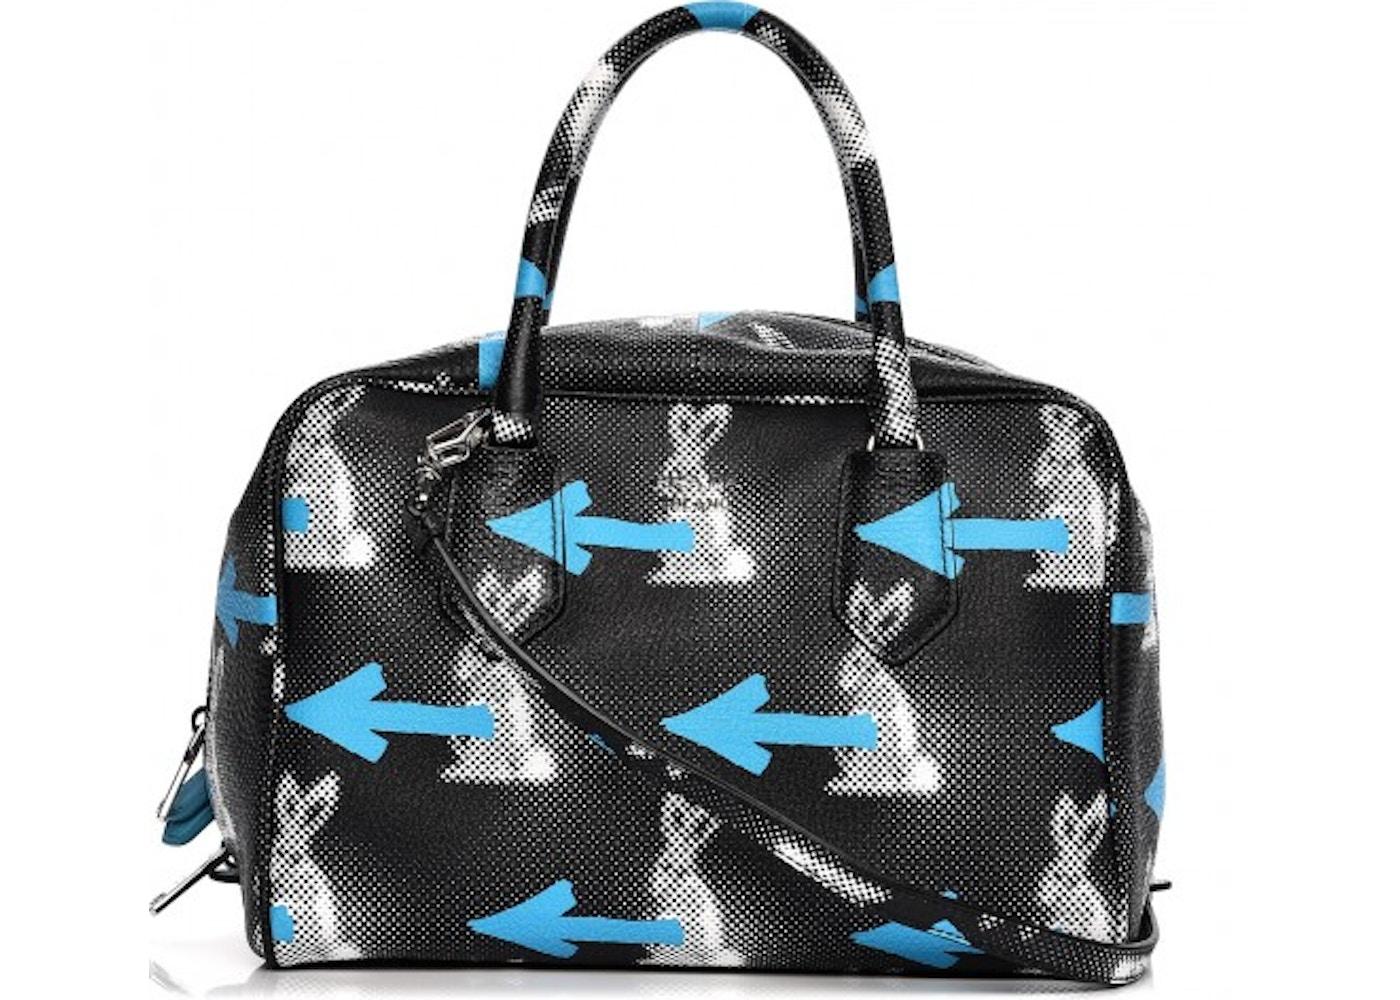 3a0f09a5426 Prada Saint Rabbit Inside Bag Shoulder Bag Vitello Daino Nero Multicolor.  Vitello Daino Nero Multicolor